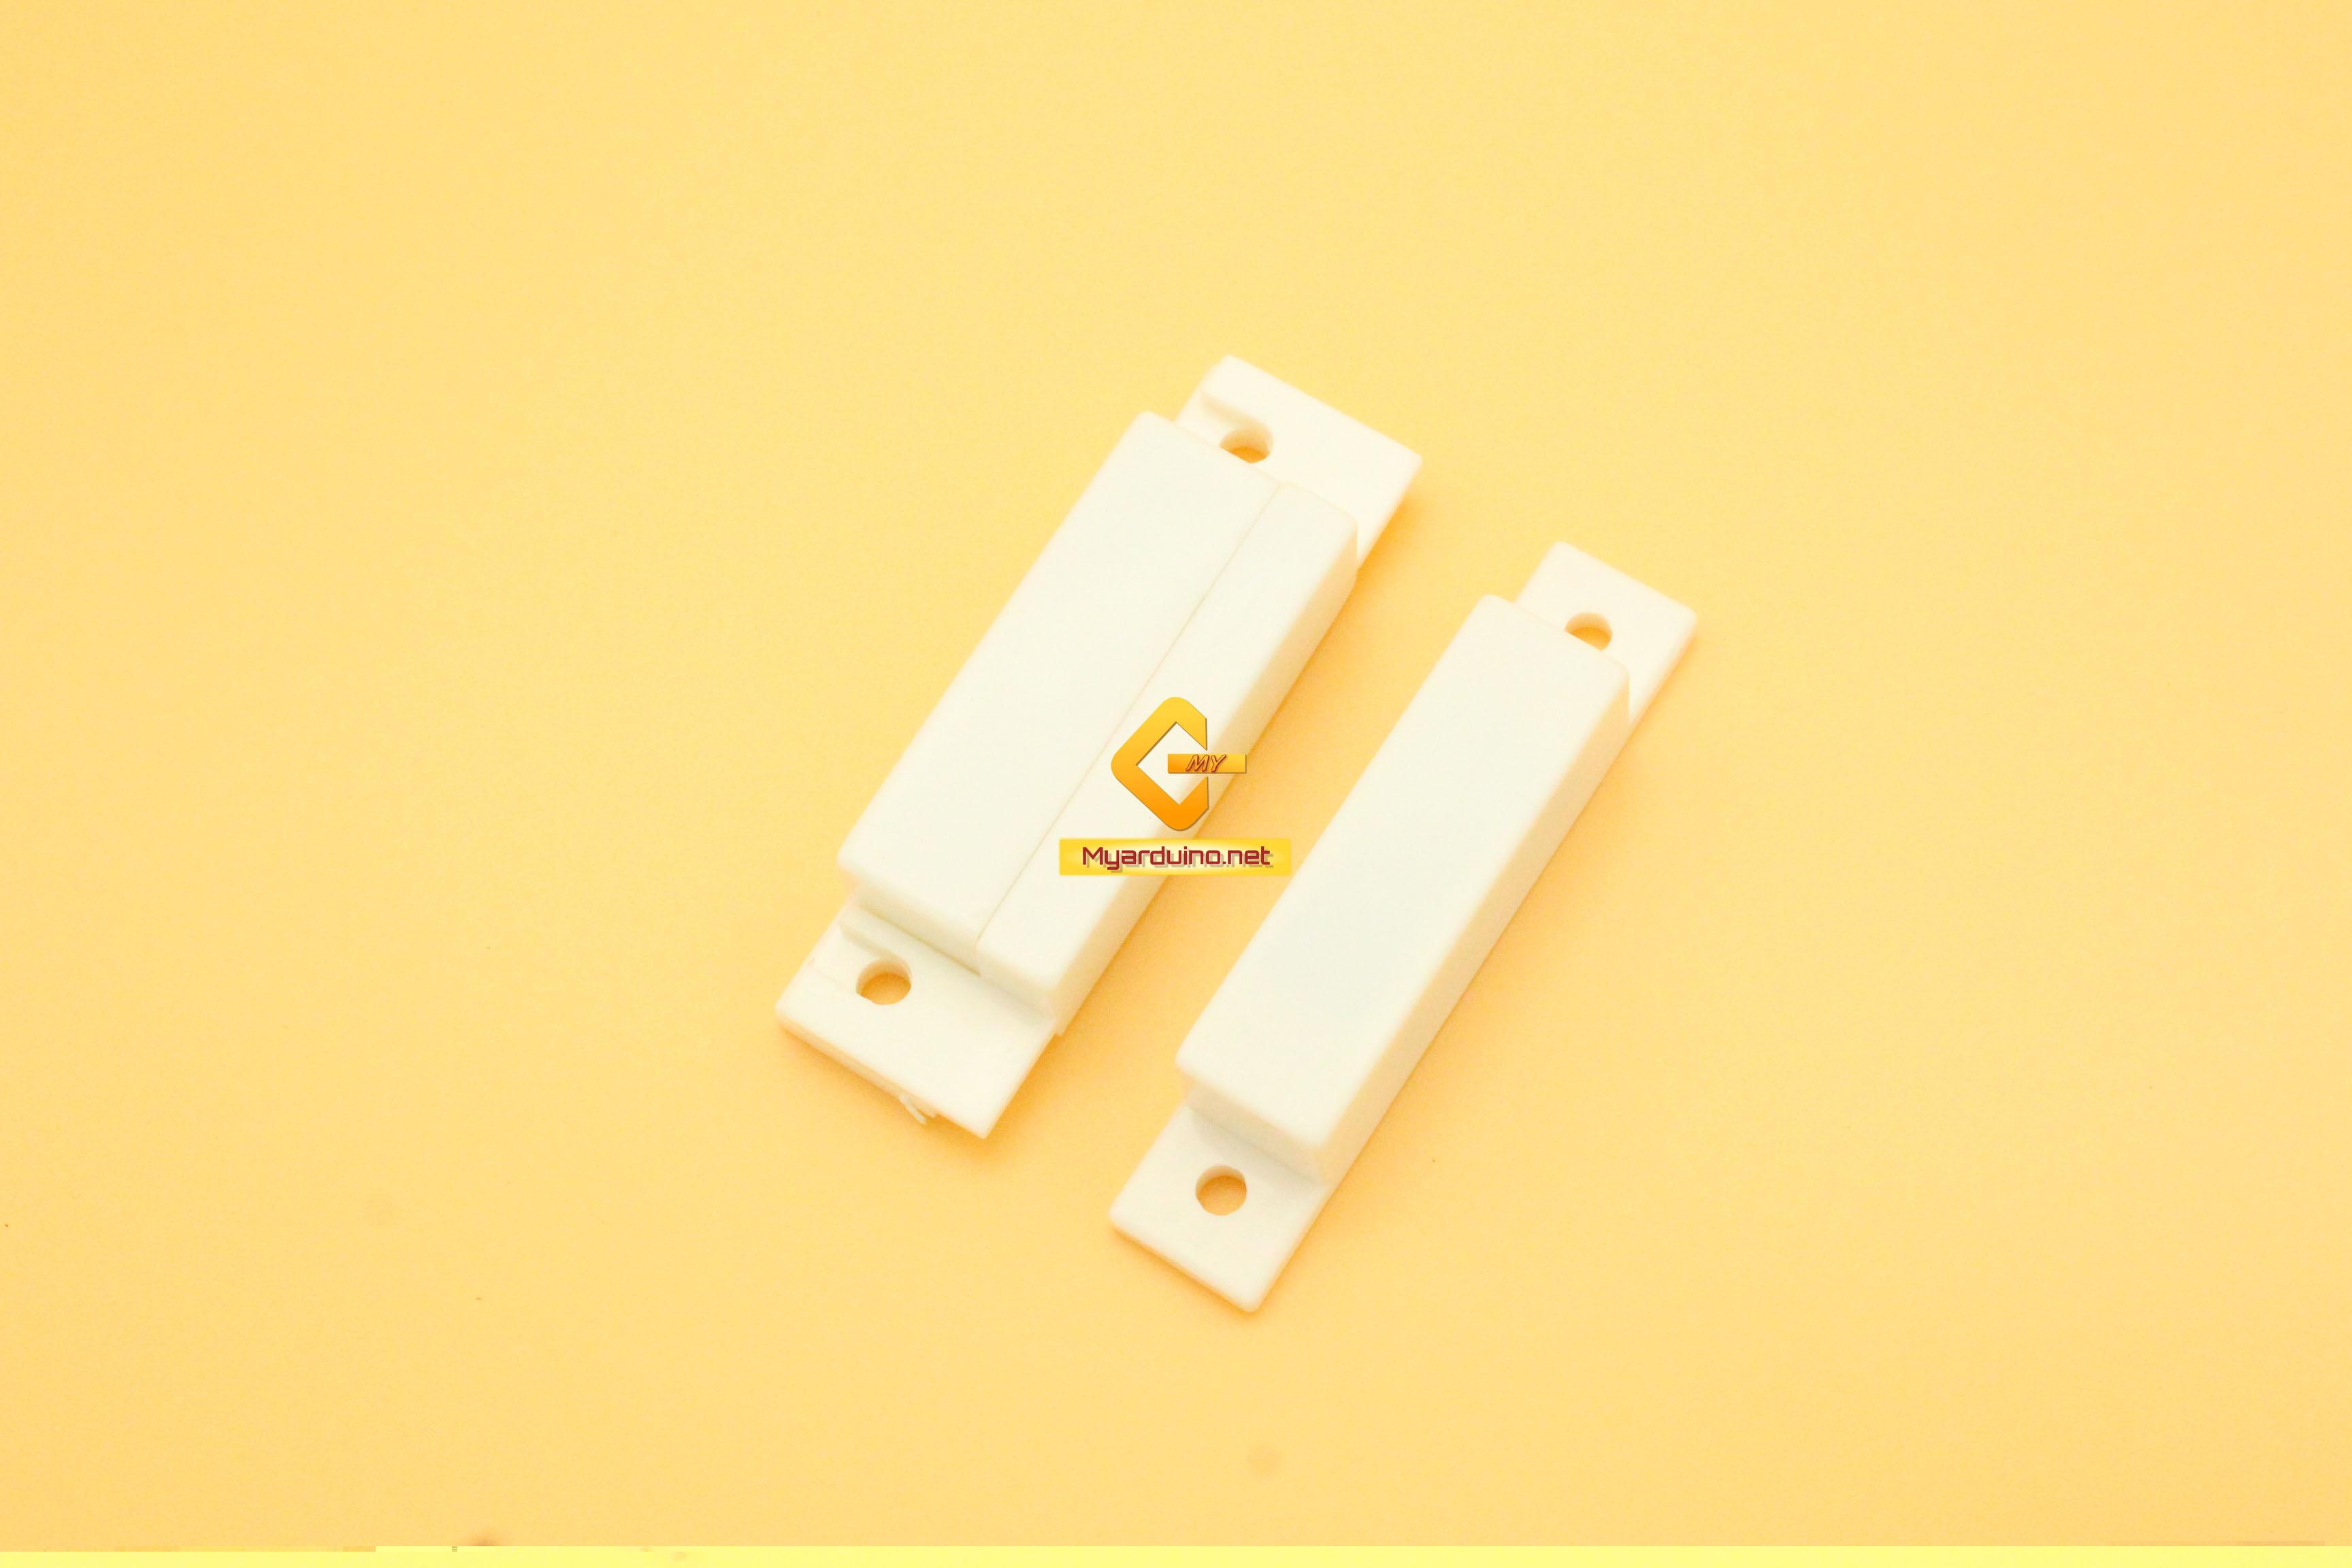 Magnetic Switch สวิตช์แม่เหล็ก ปกติปิด 100v 5a